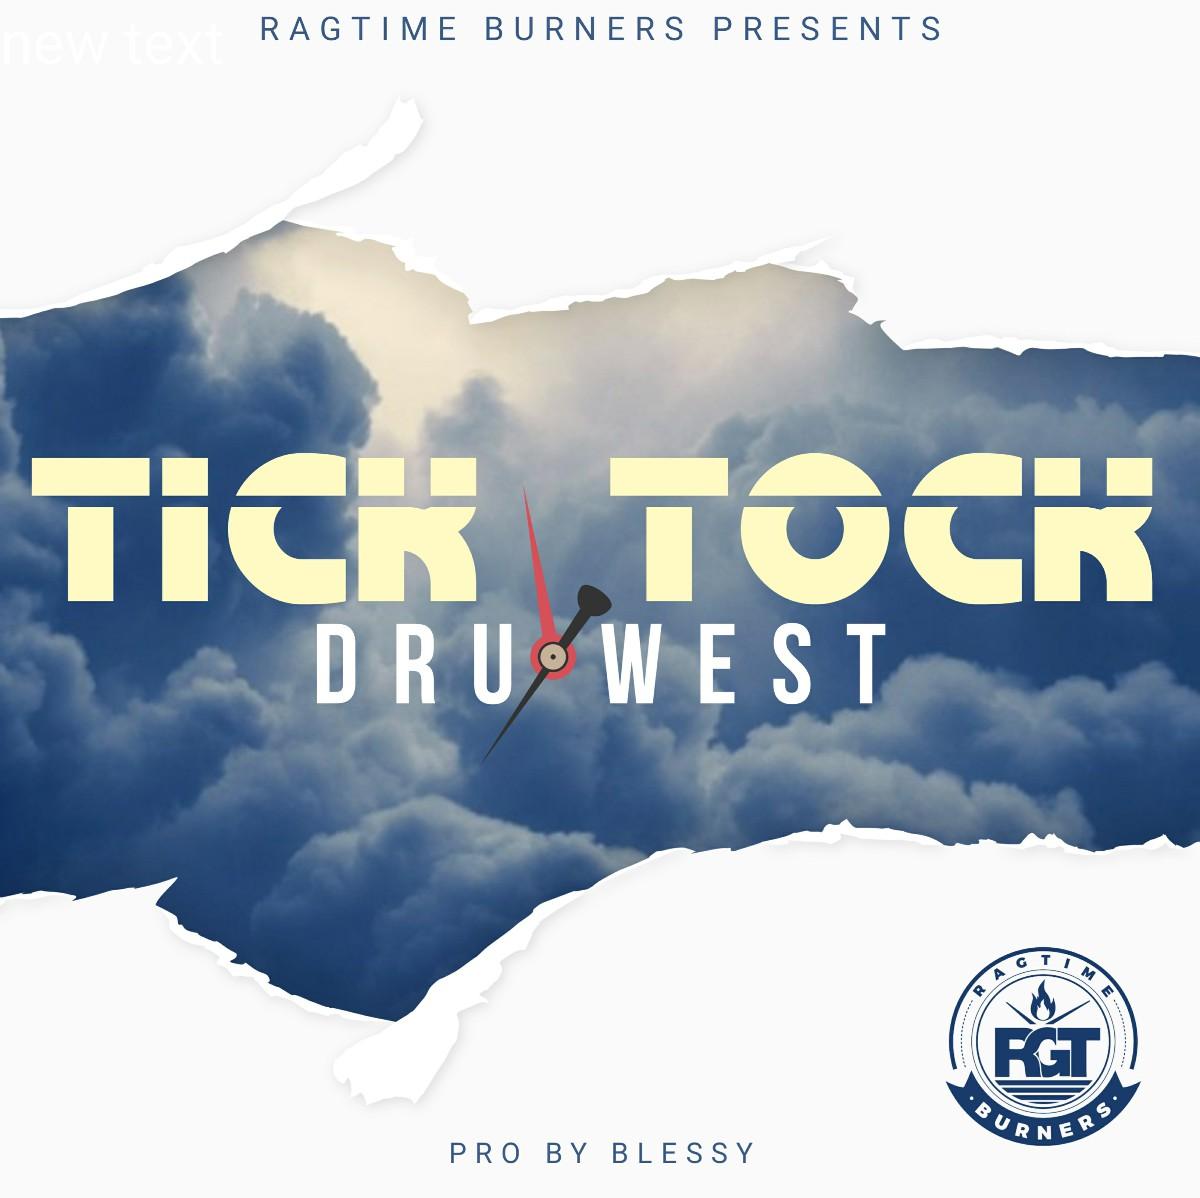 Dru West - Tick Tok (Prod. Bless)